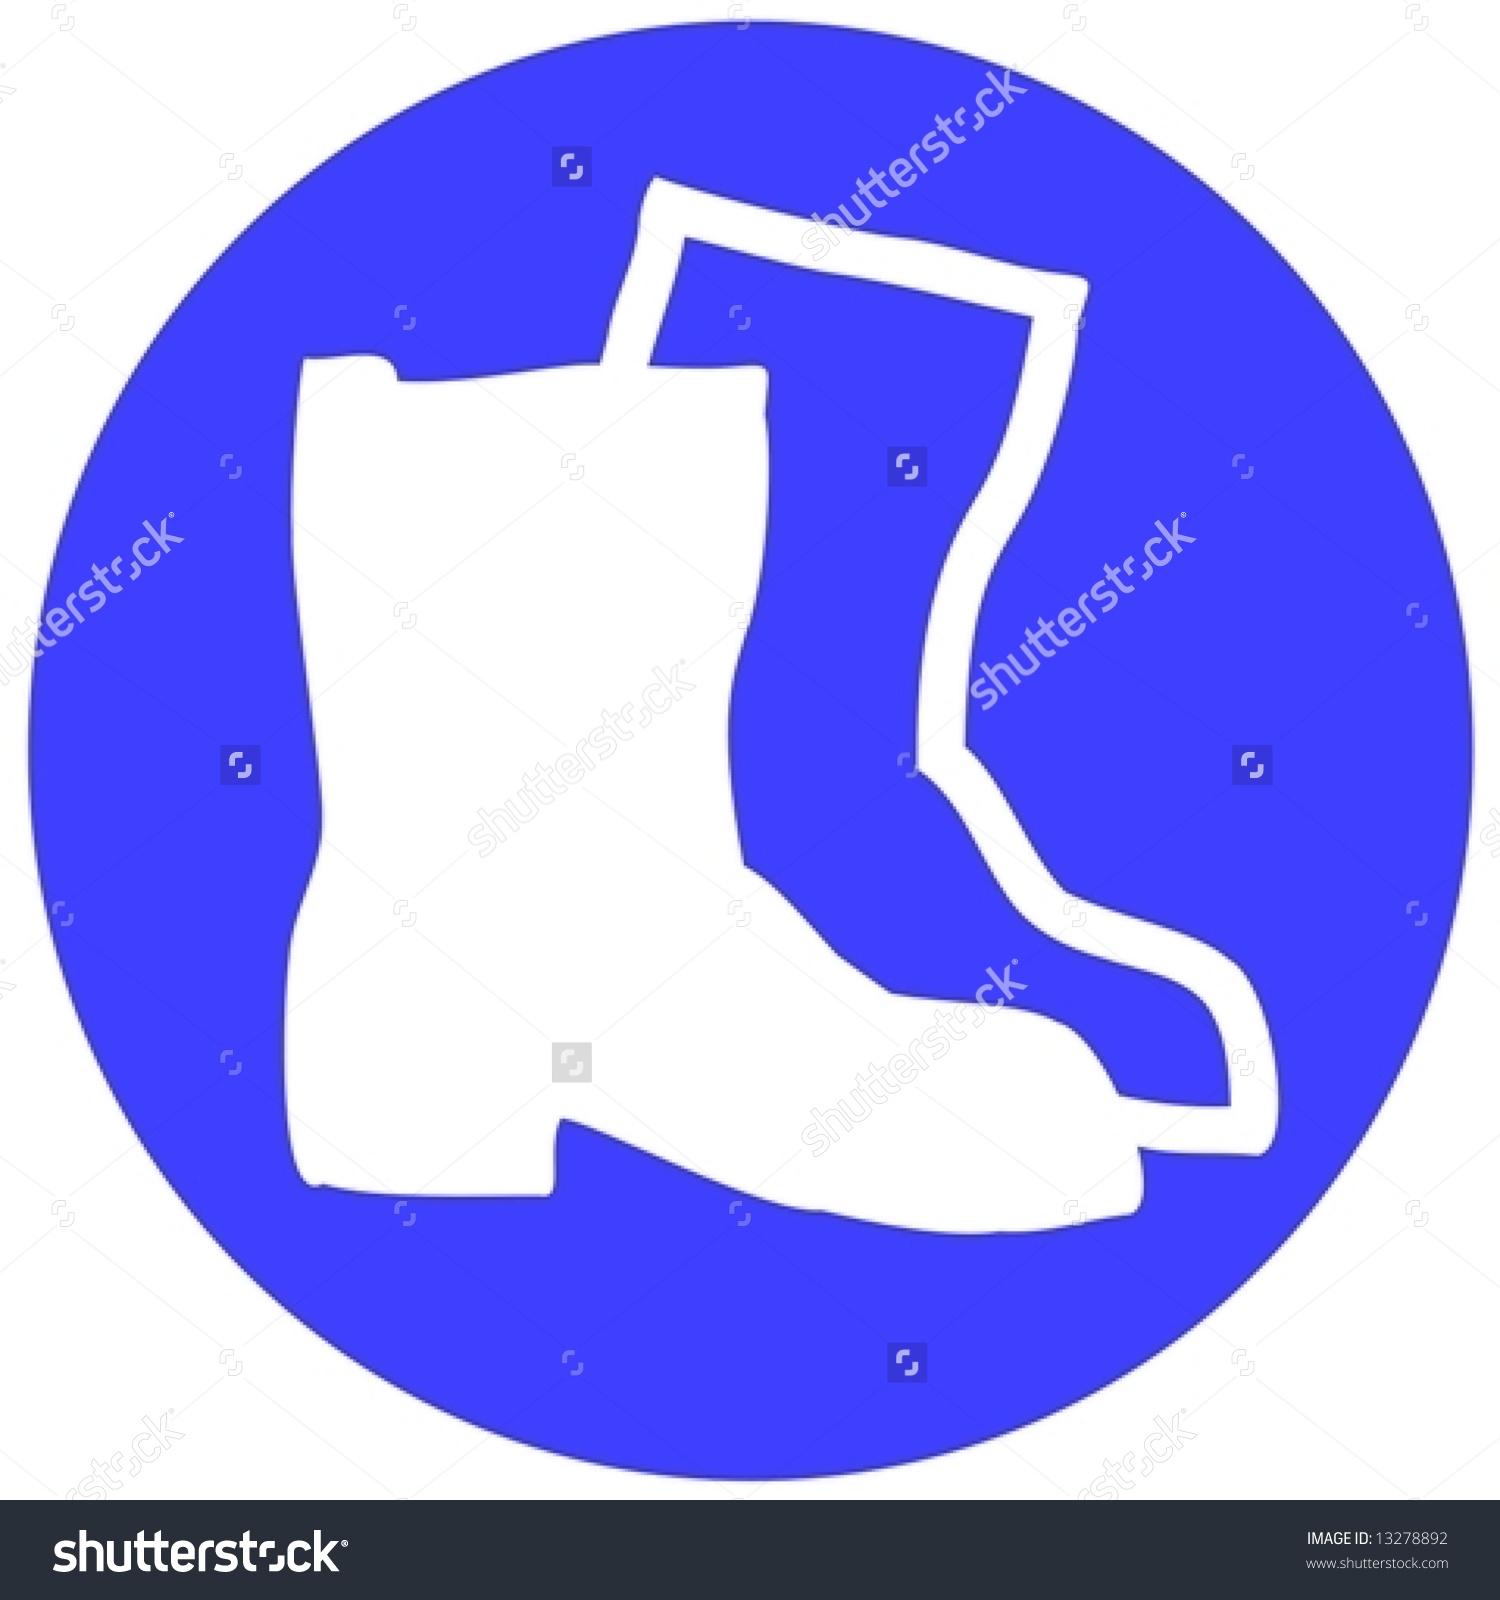 Shoe clipart ppe #15